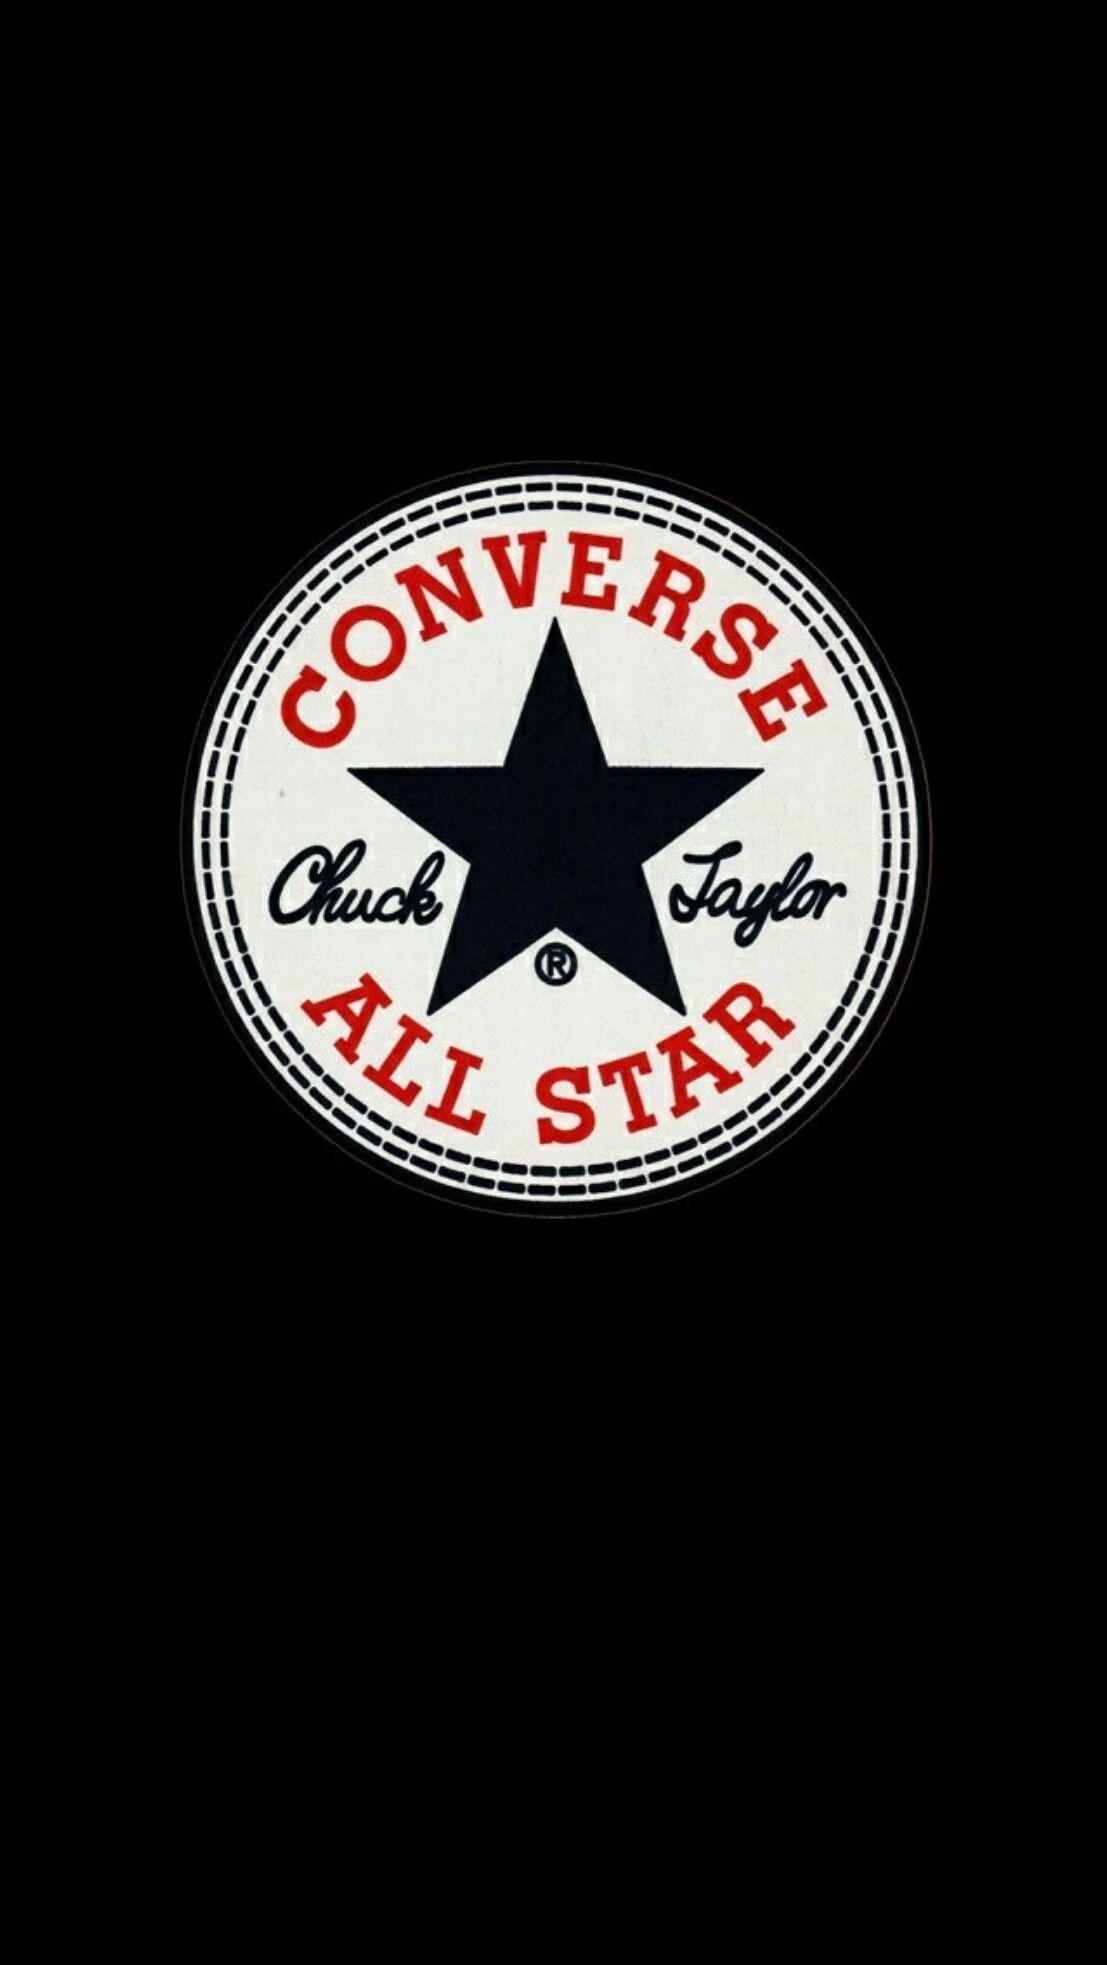 59fc5d849cc2 Converse Logo - converse  black  wallpaper